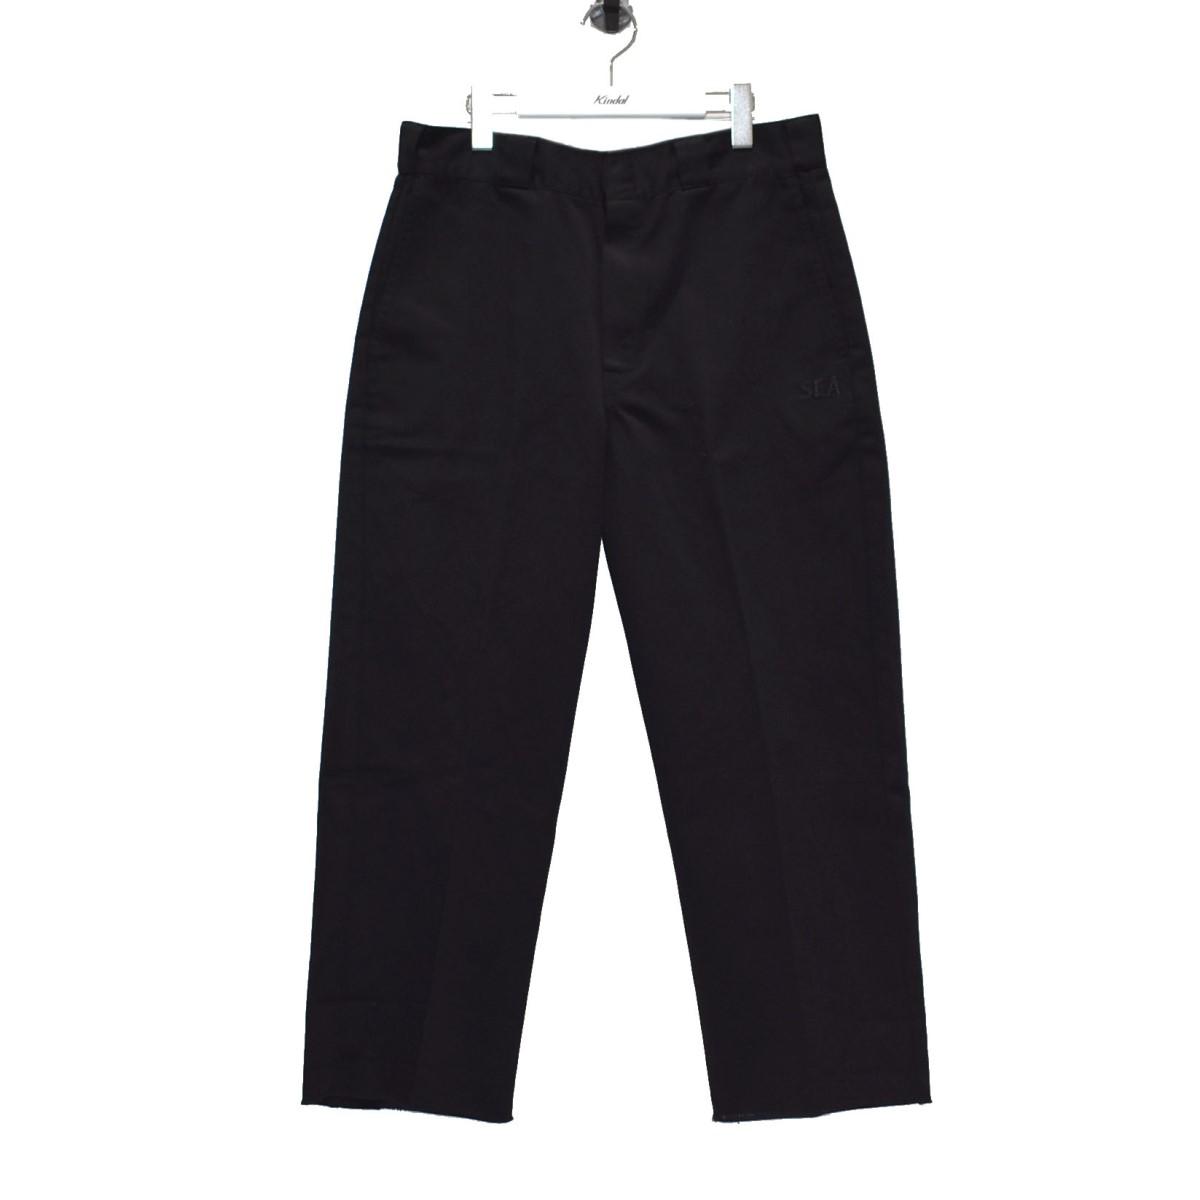 【中古】WIND AND SEA 20SS ×DICKIES パンツ ブラック サイズ:M 【170720】(ウィンダンシー)